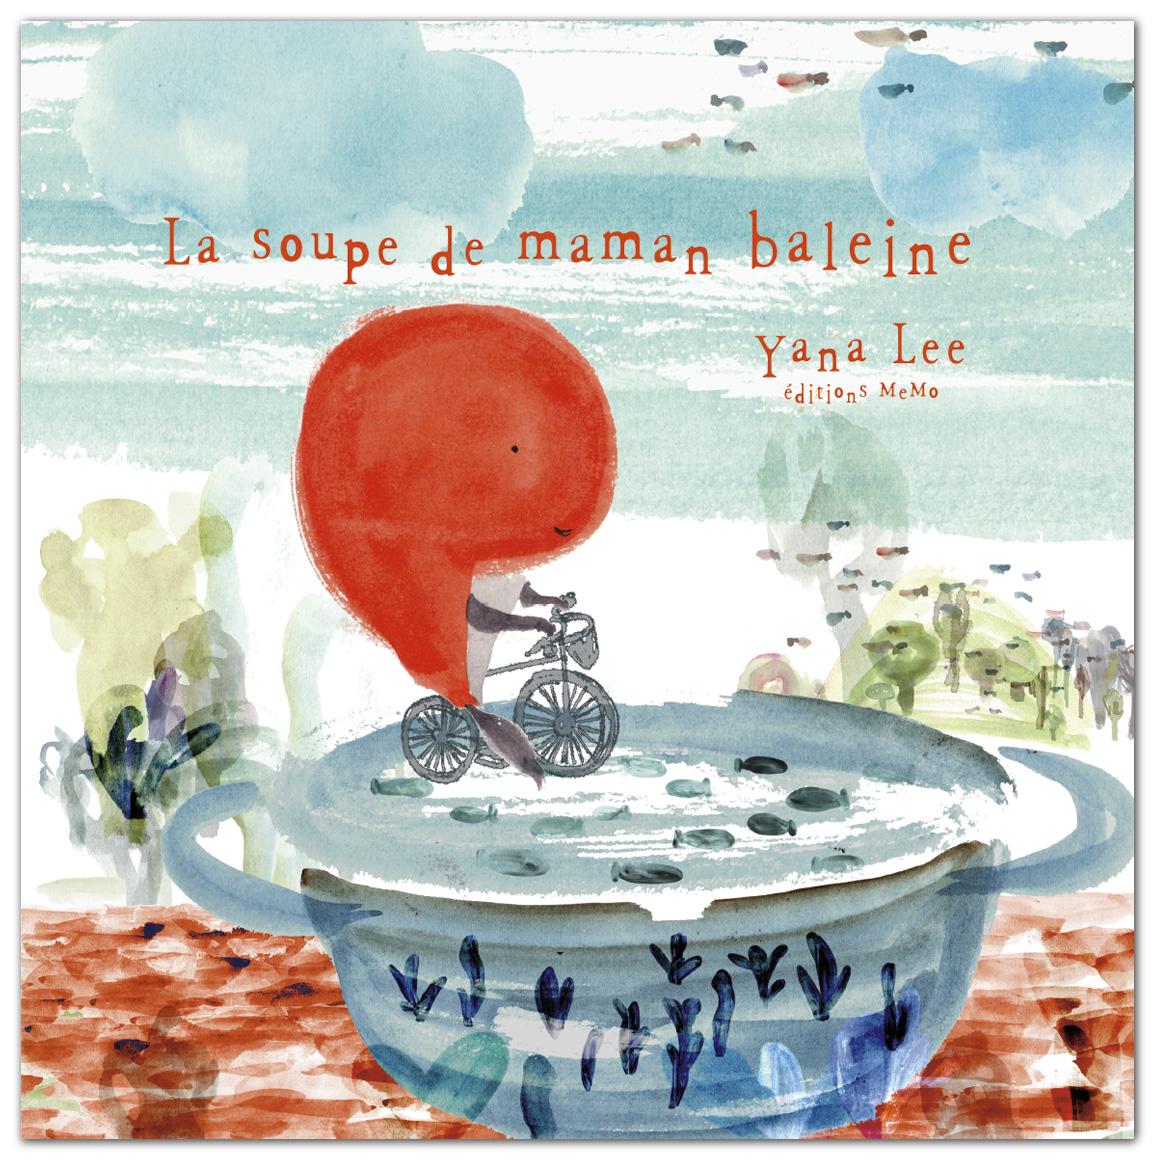 La soupe de maman baleine